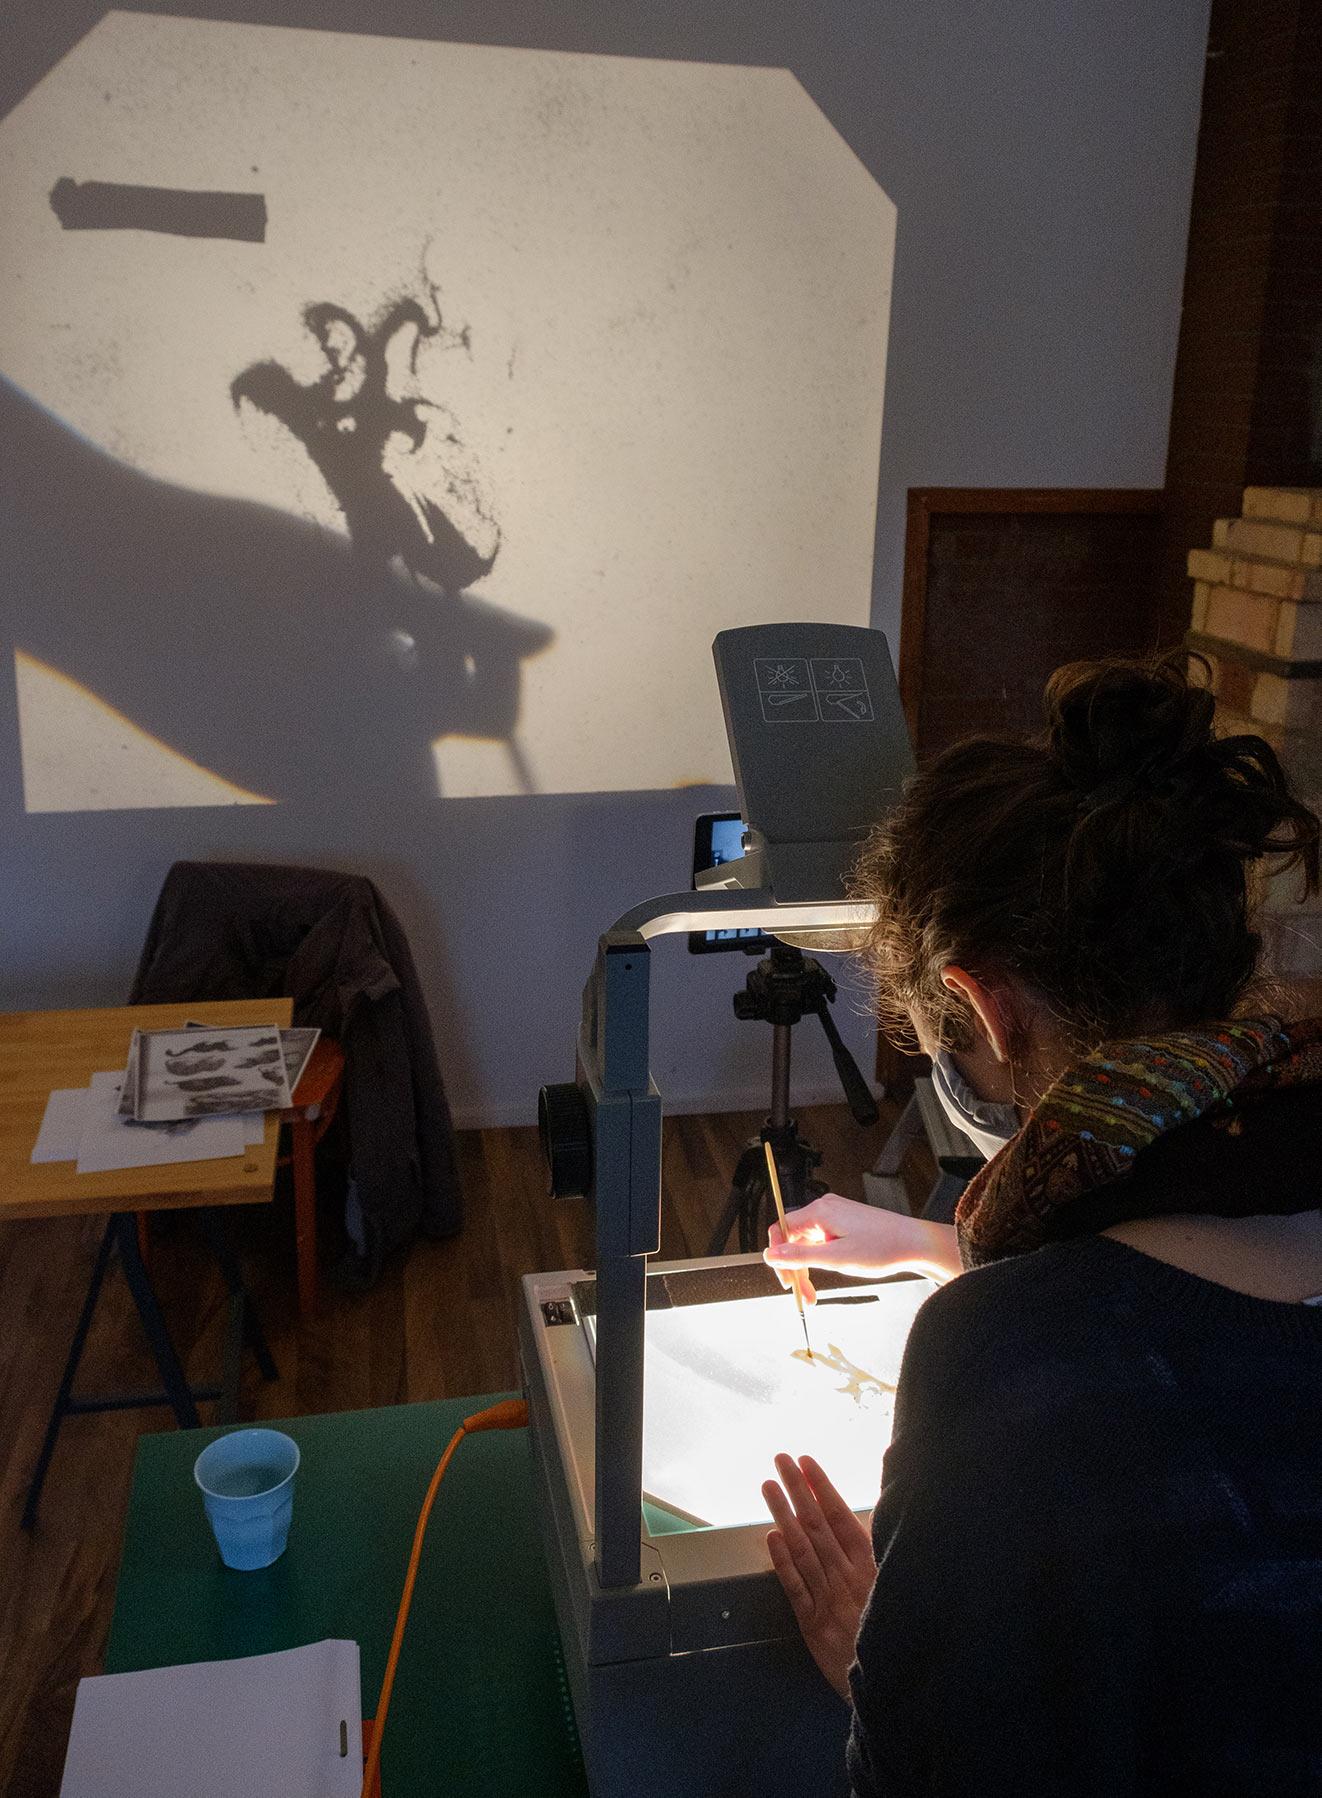 Auf Overheadprojekor wird mit Sand gemalt. Formen werden an Wand projeziert.